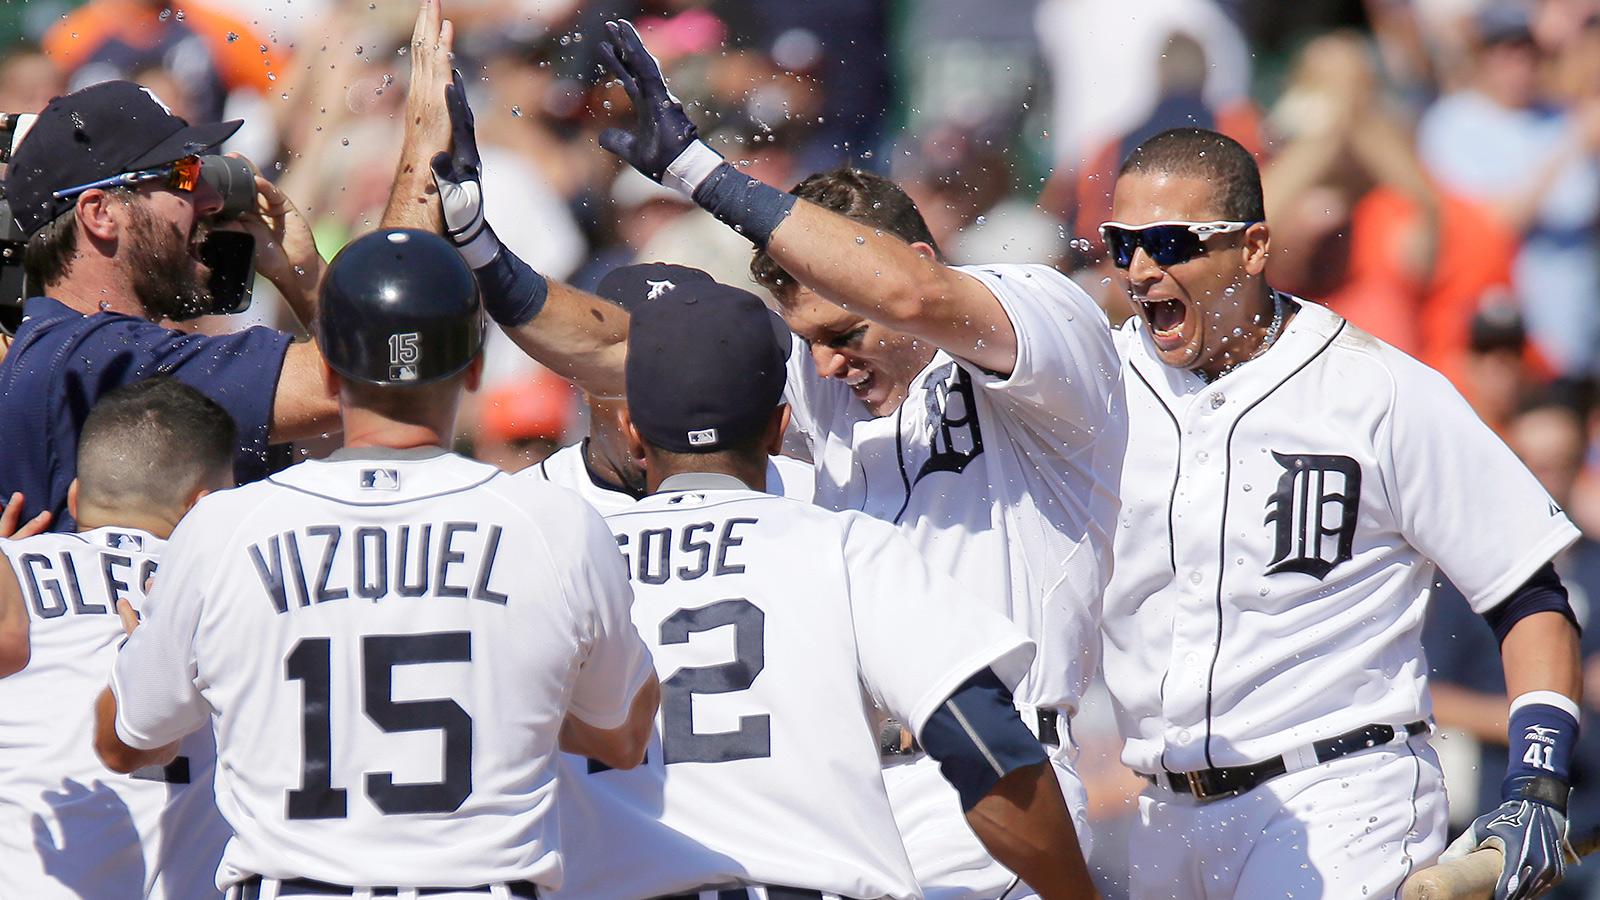 Tigers top Royals on Kinsler's walk-off homer in ninth